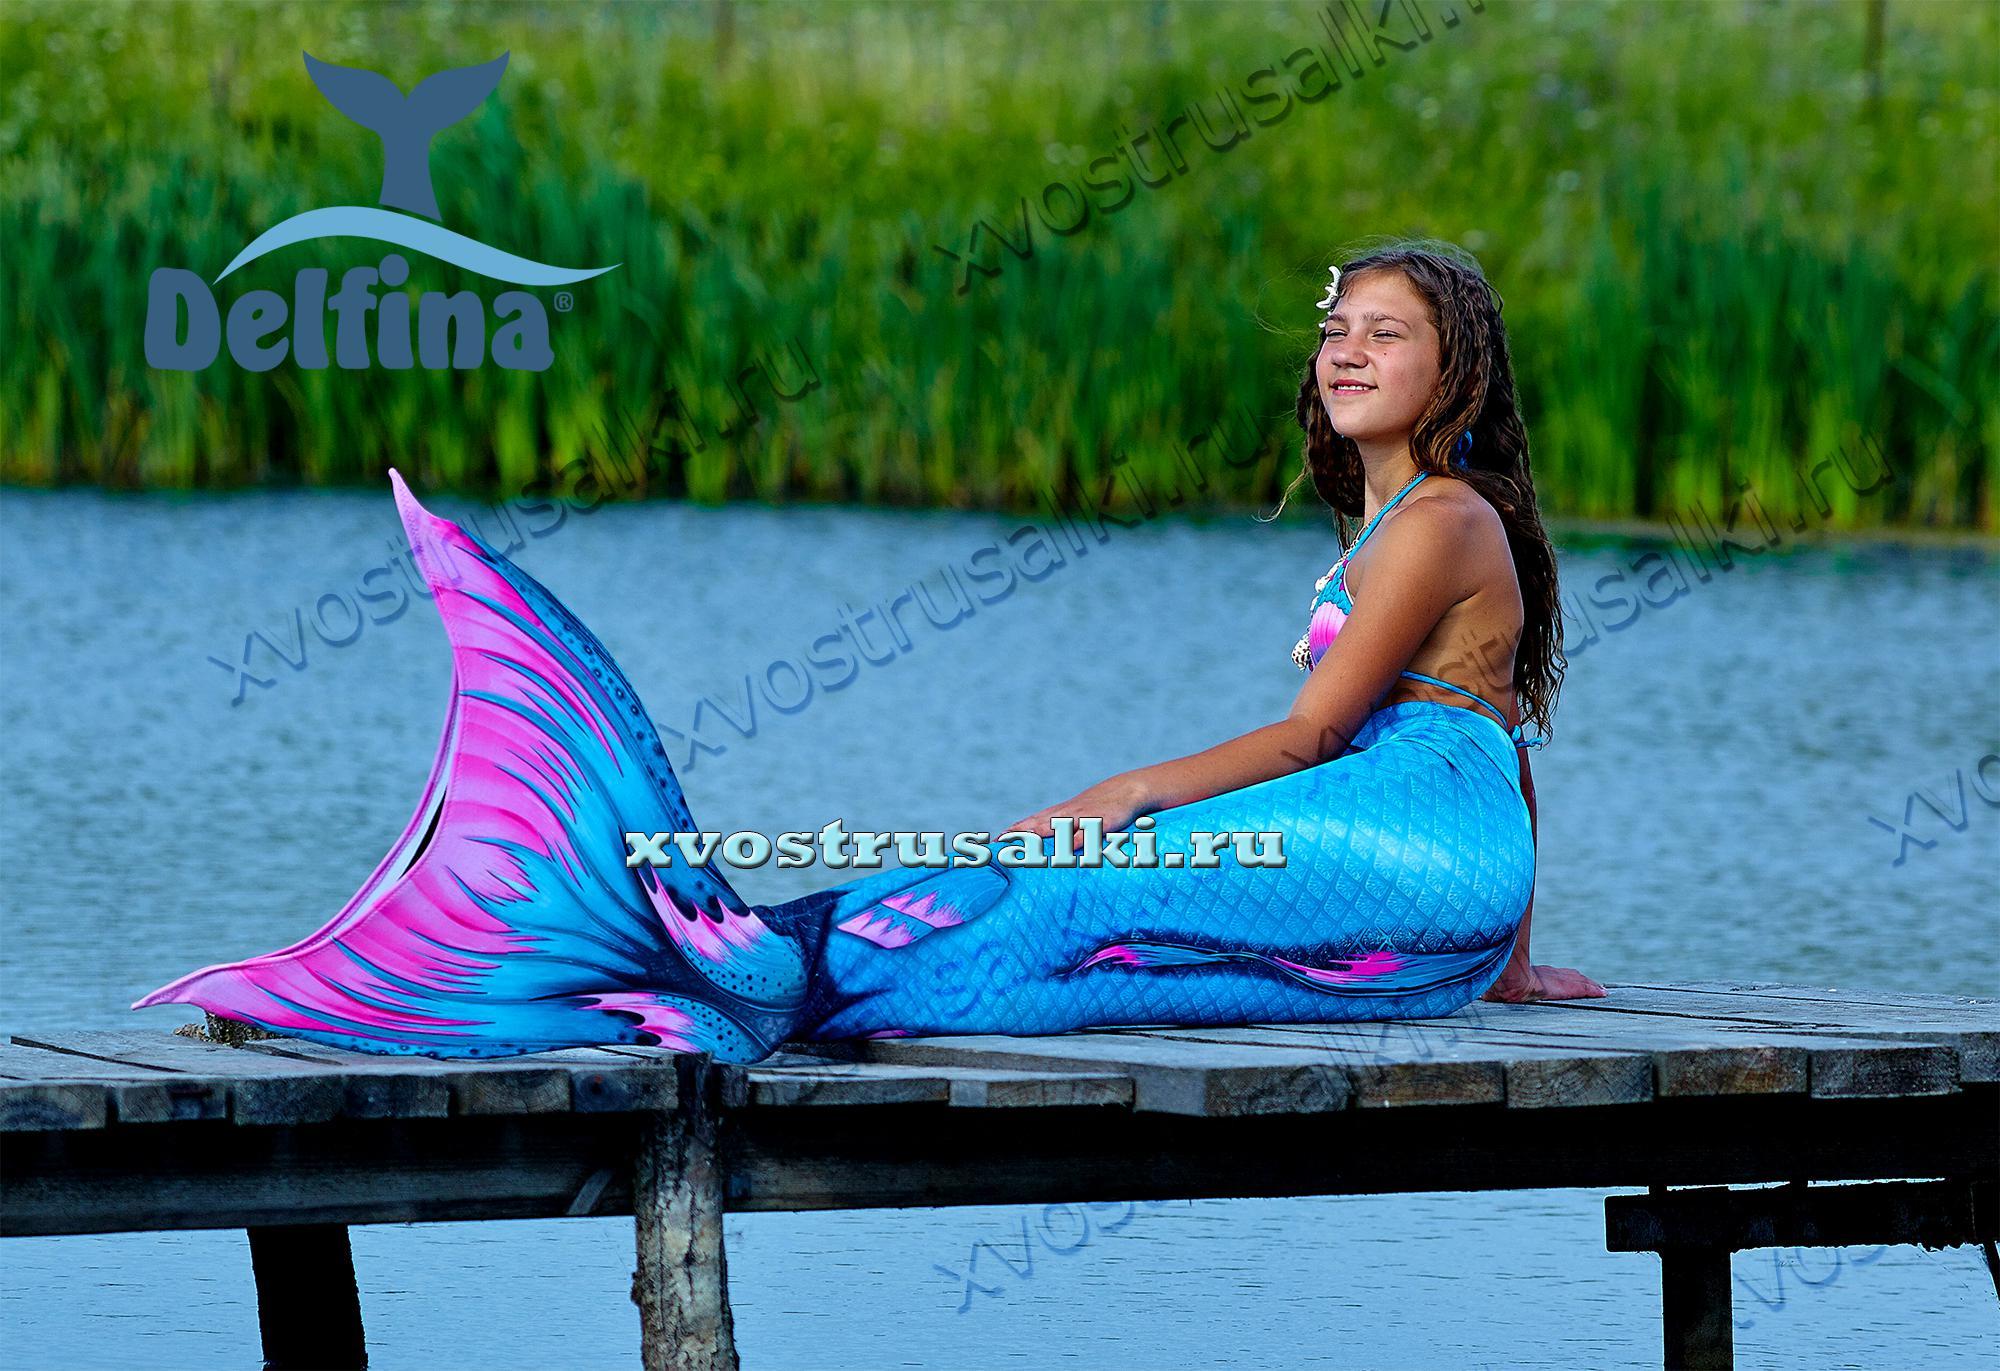 Хвост русалки голубой Топаз